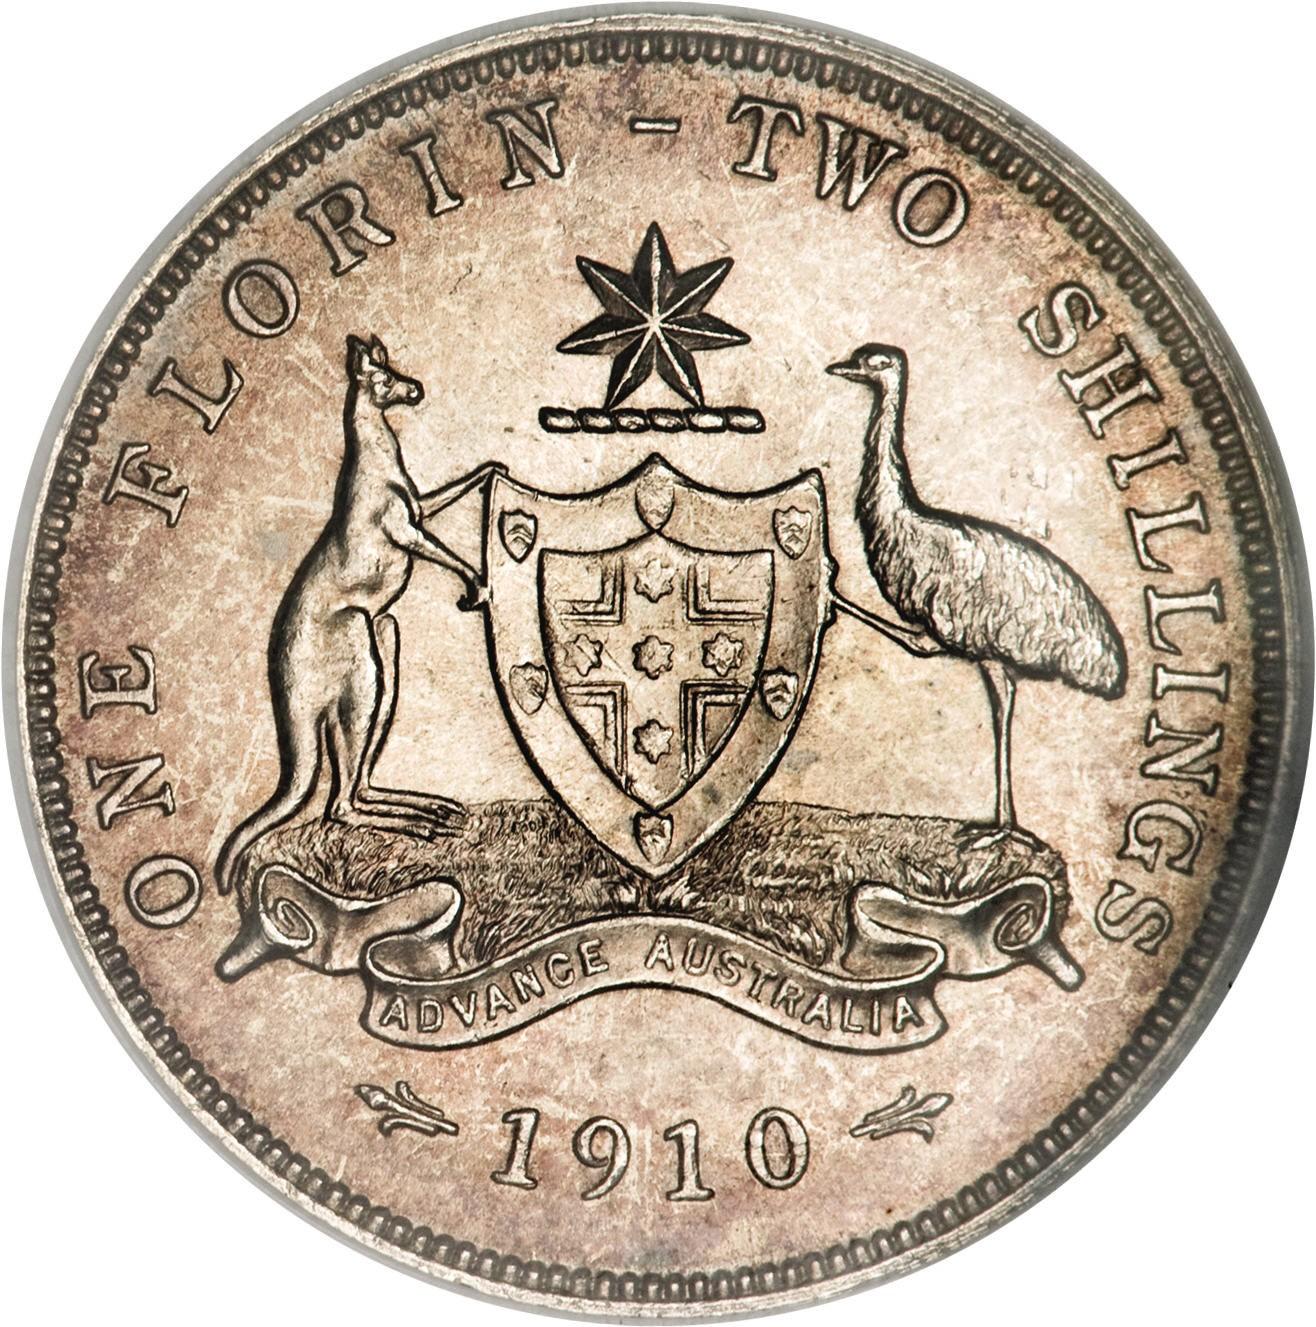 Australia 1 Florin (1910 Edward VII)